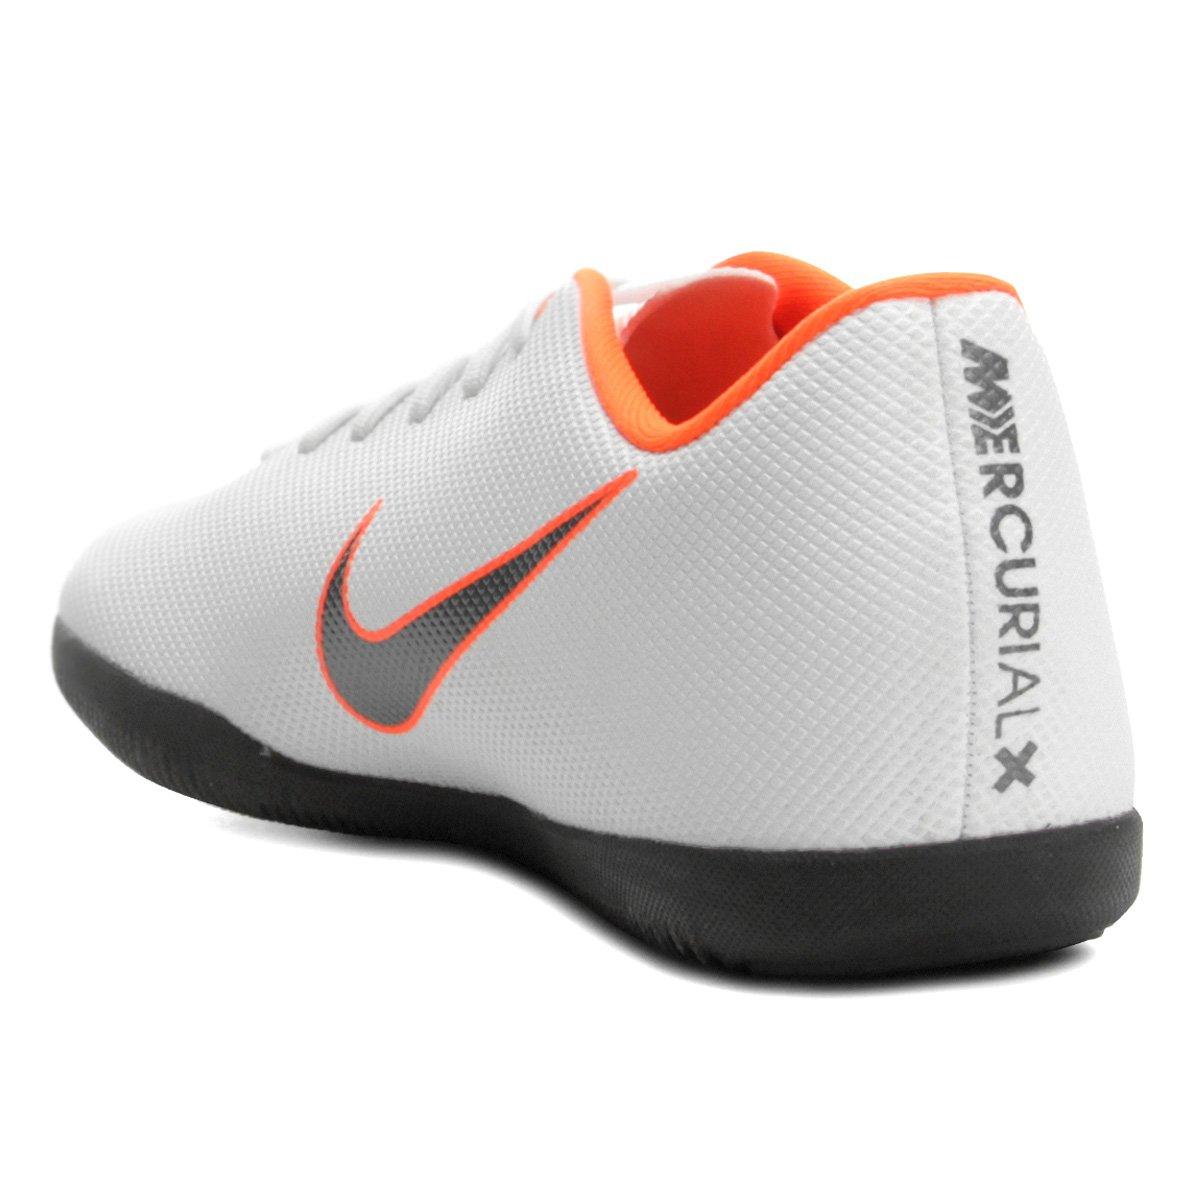 Chuteira Futsal Nike Mercurial Vapor 12 Club - Branco e Cinza ... 2828232c18488